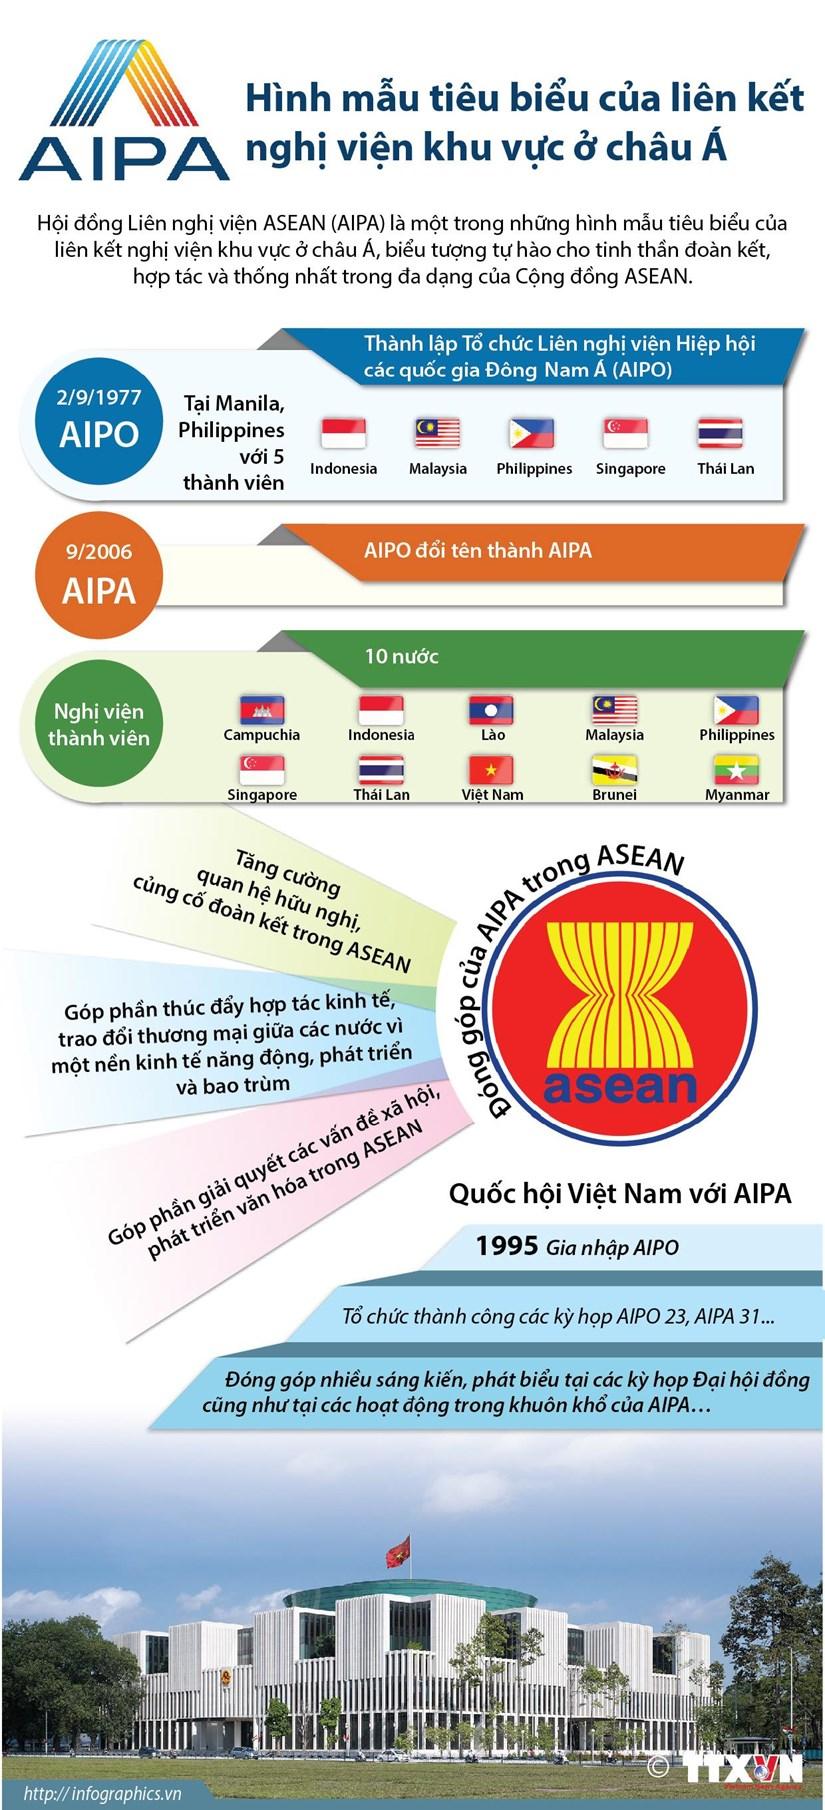 AIPA: Hình mẫu tiêu biểu của liên kết nghị viện khu vực ở châu Á